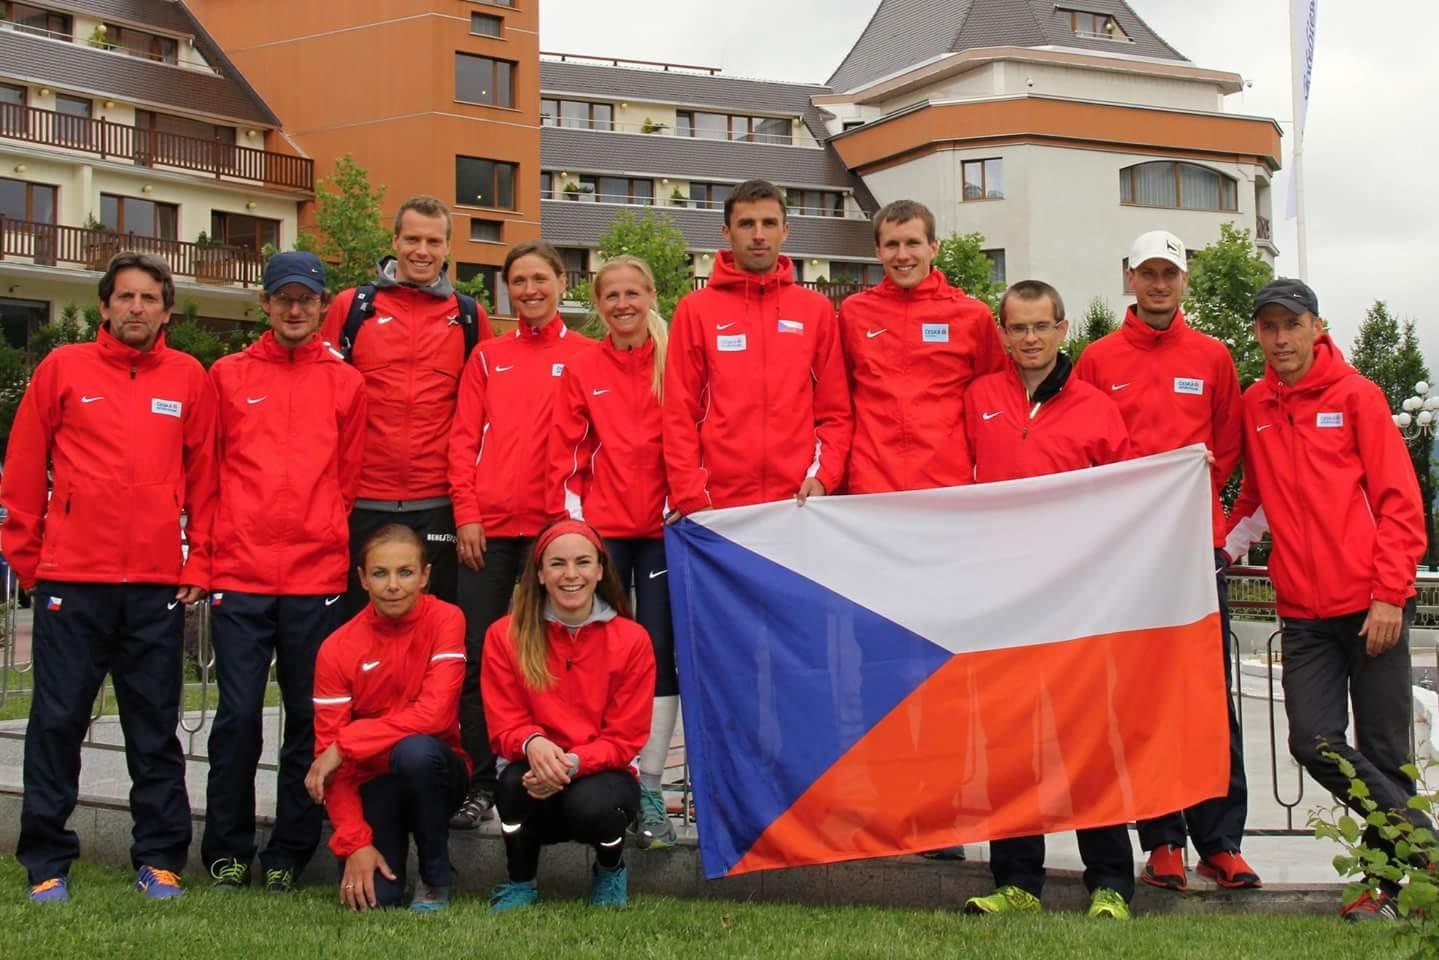 Zlatý tým zMS vKarpaczi: Slyšet českou hymnu je pro každého sportovce nejvíc